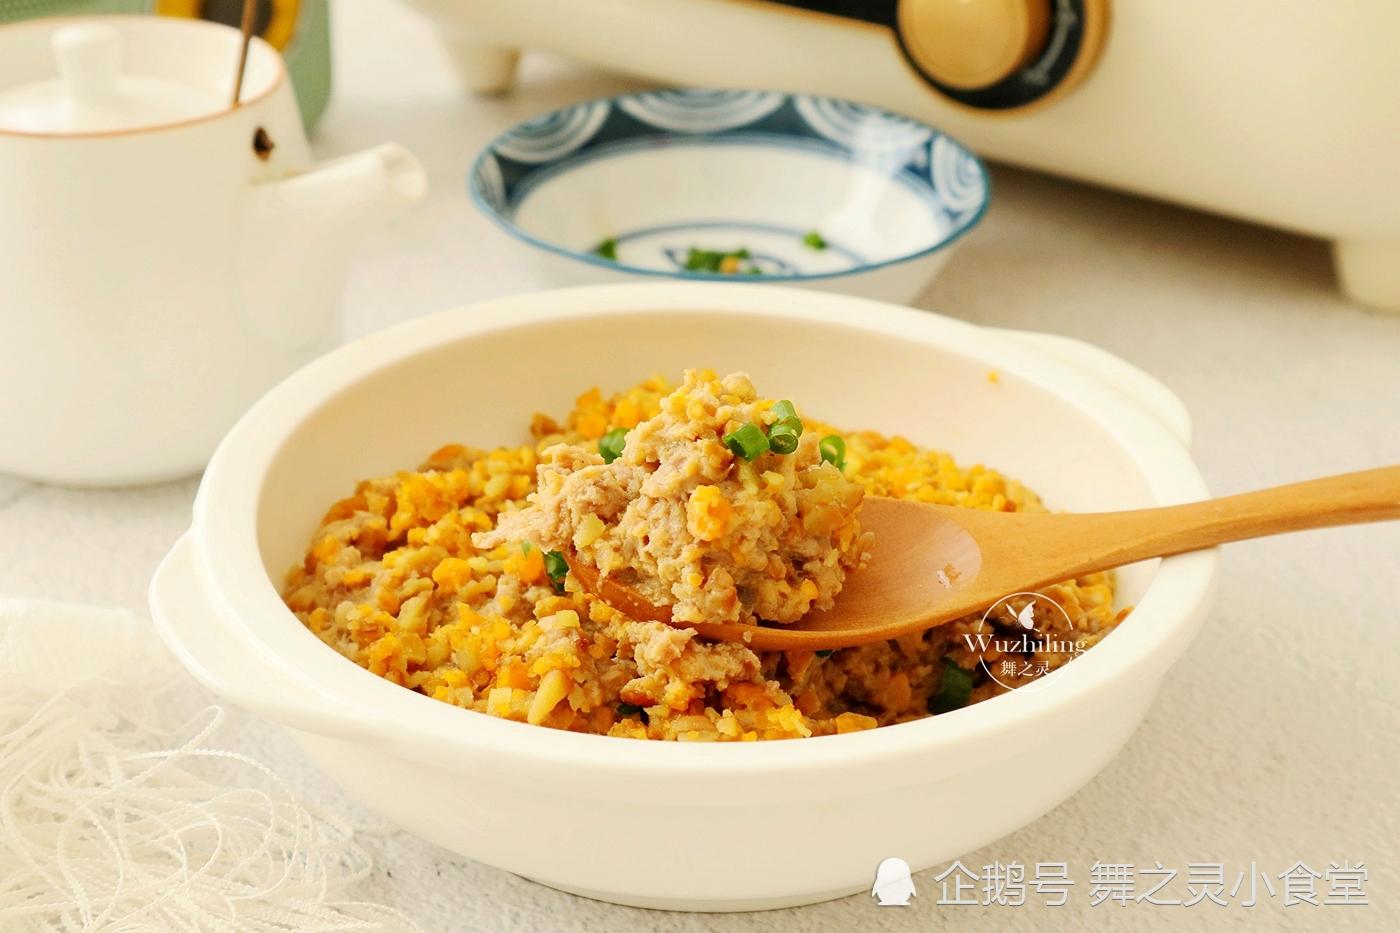 「怎样做蒸菜好吃」这道蒸菜太美味了,孩子真爱吃,下饭又好吃,做起来也简单